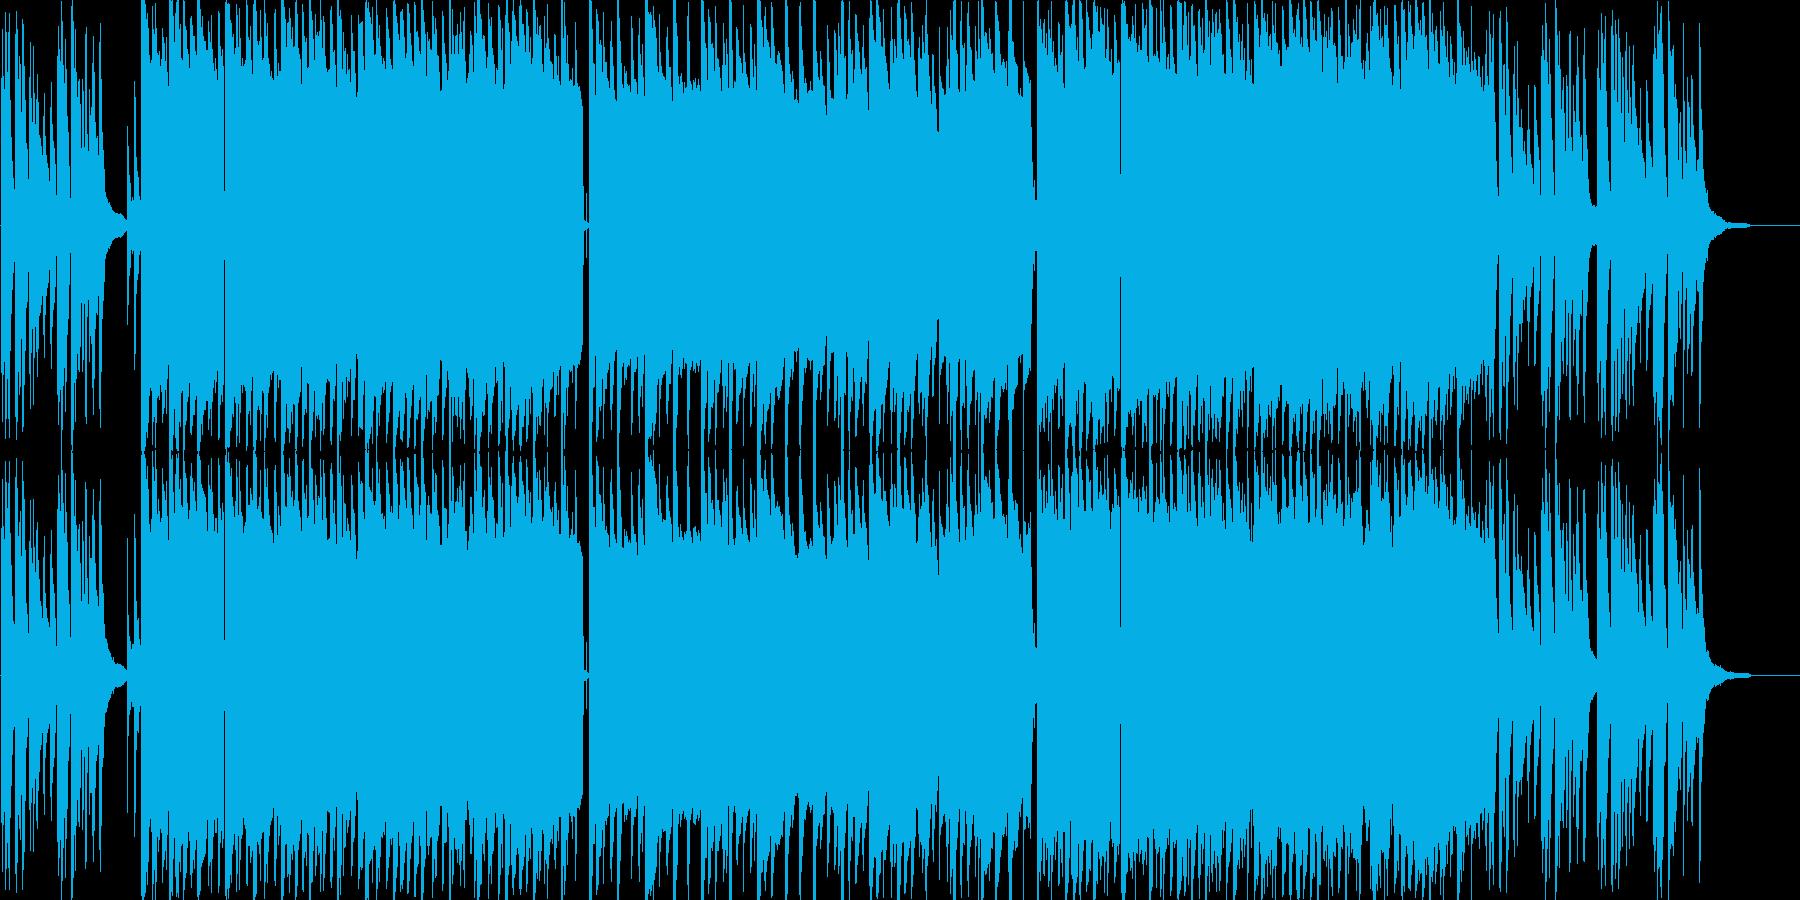 ゆったアジア感のあるピアノのバラードの再生済みの波形